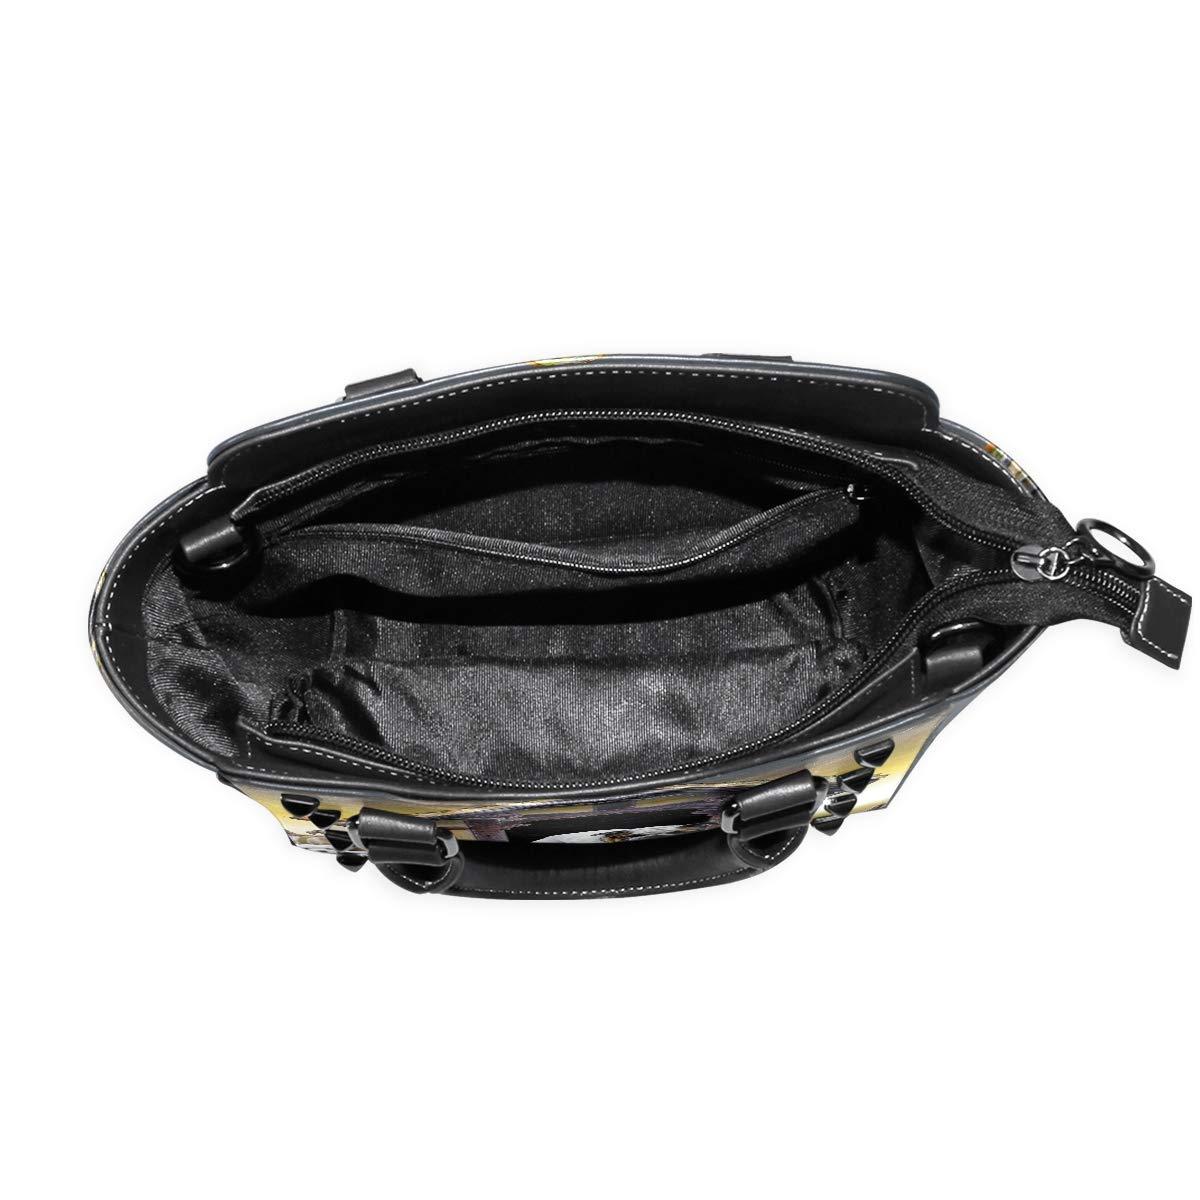 MALPLENA , Damen Schultertasche multi Einheitsgröße B07Q585YGR Schultertaschen Einfach Einfach Einfach zu bedienen 203298